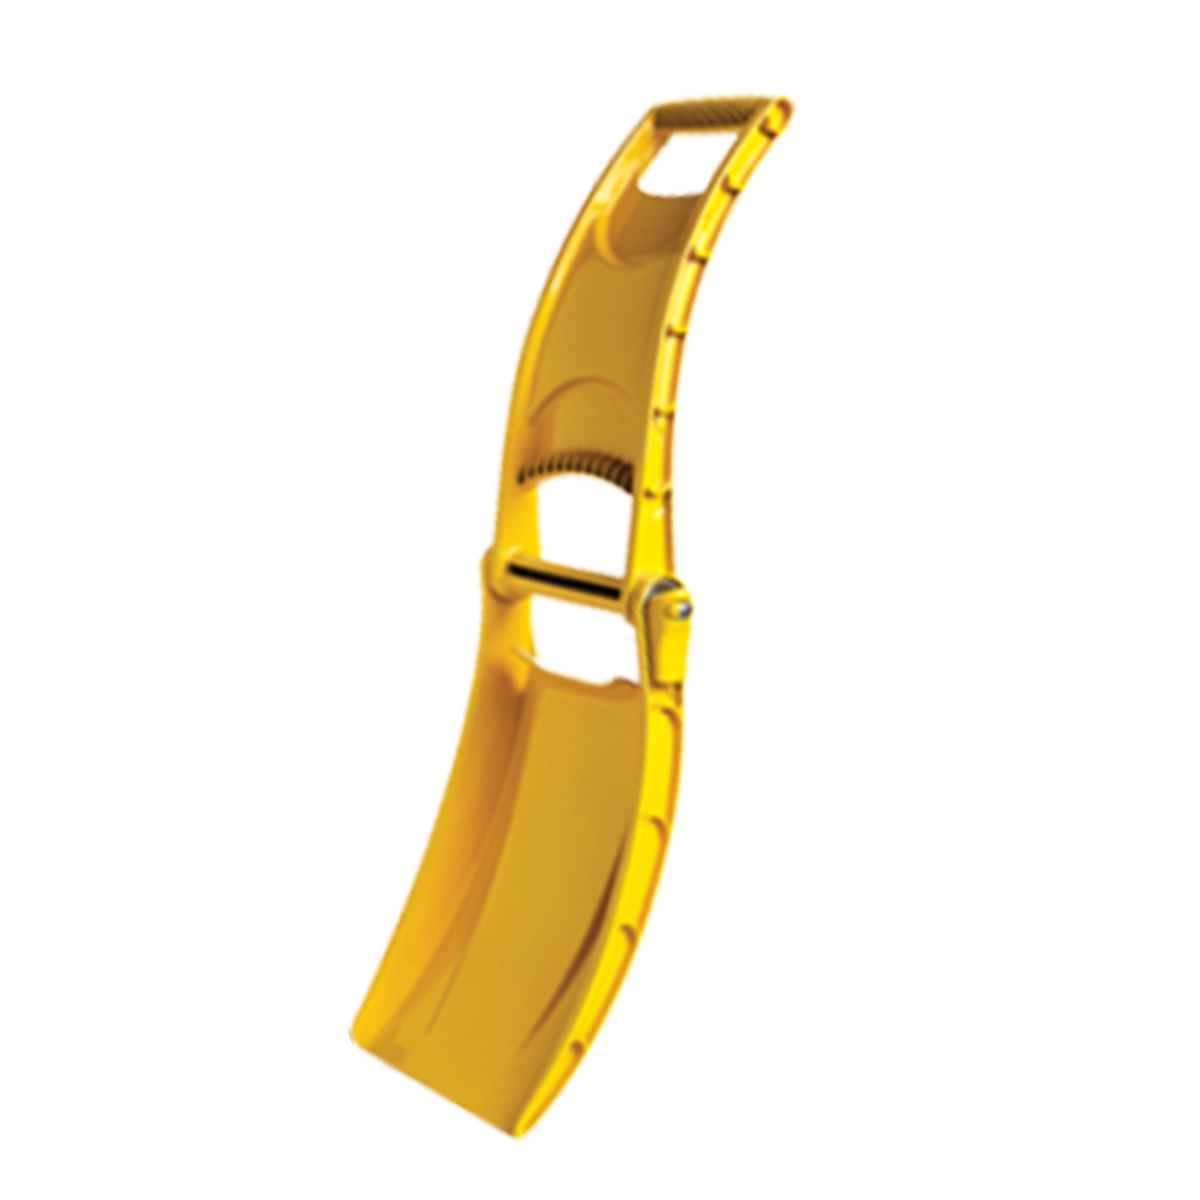 Лопата-трансформер МастерПроф, цвет: желтыйАС.110006Лопата-трансформер МастерПроф выполнена из высококачественного полипропилена, имеет гладкую износостойкую поверхность, ребра жесткости и удобную ручку, конструкция которой защищает руки во время работы. Материал лопаты морозостоек. Выдержит перепады температуры от +50 до -50 0С без опасения, что к нему примерзнут перчатки или руки. Можно использовать как ограждение или предупреждающий знак. В сложенном виде имеет габариты 42 х 25 х 8 см, почти не занимает места в багажнике автомобиля, удобно крепится к рюкзаку, велосипеду или снегоходу.Складной механизм на основе массивного металлического стержня жестко фиксируется, лопата свободно поднимает вес до 12 кг. Длина: 42 см. Ширина: 25 см. Глубина: 8 см.